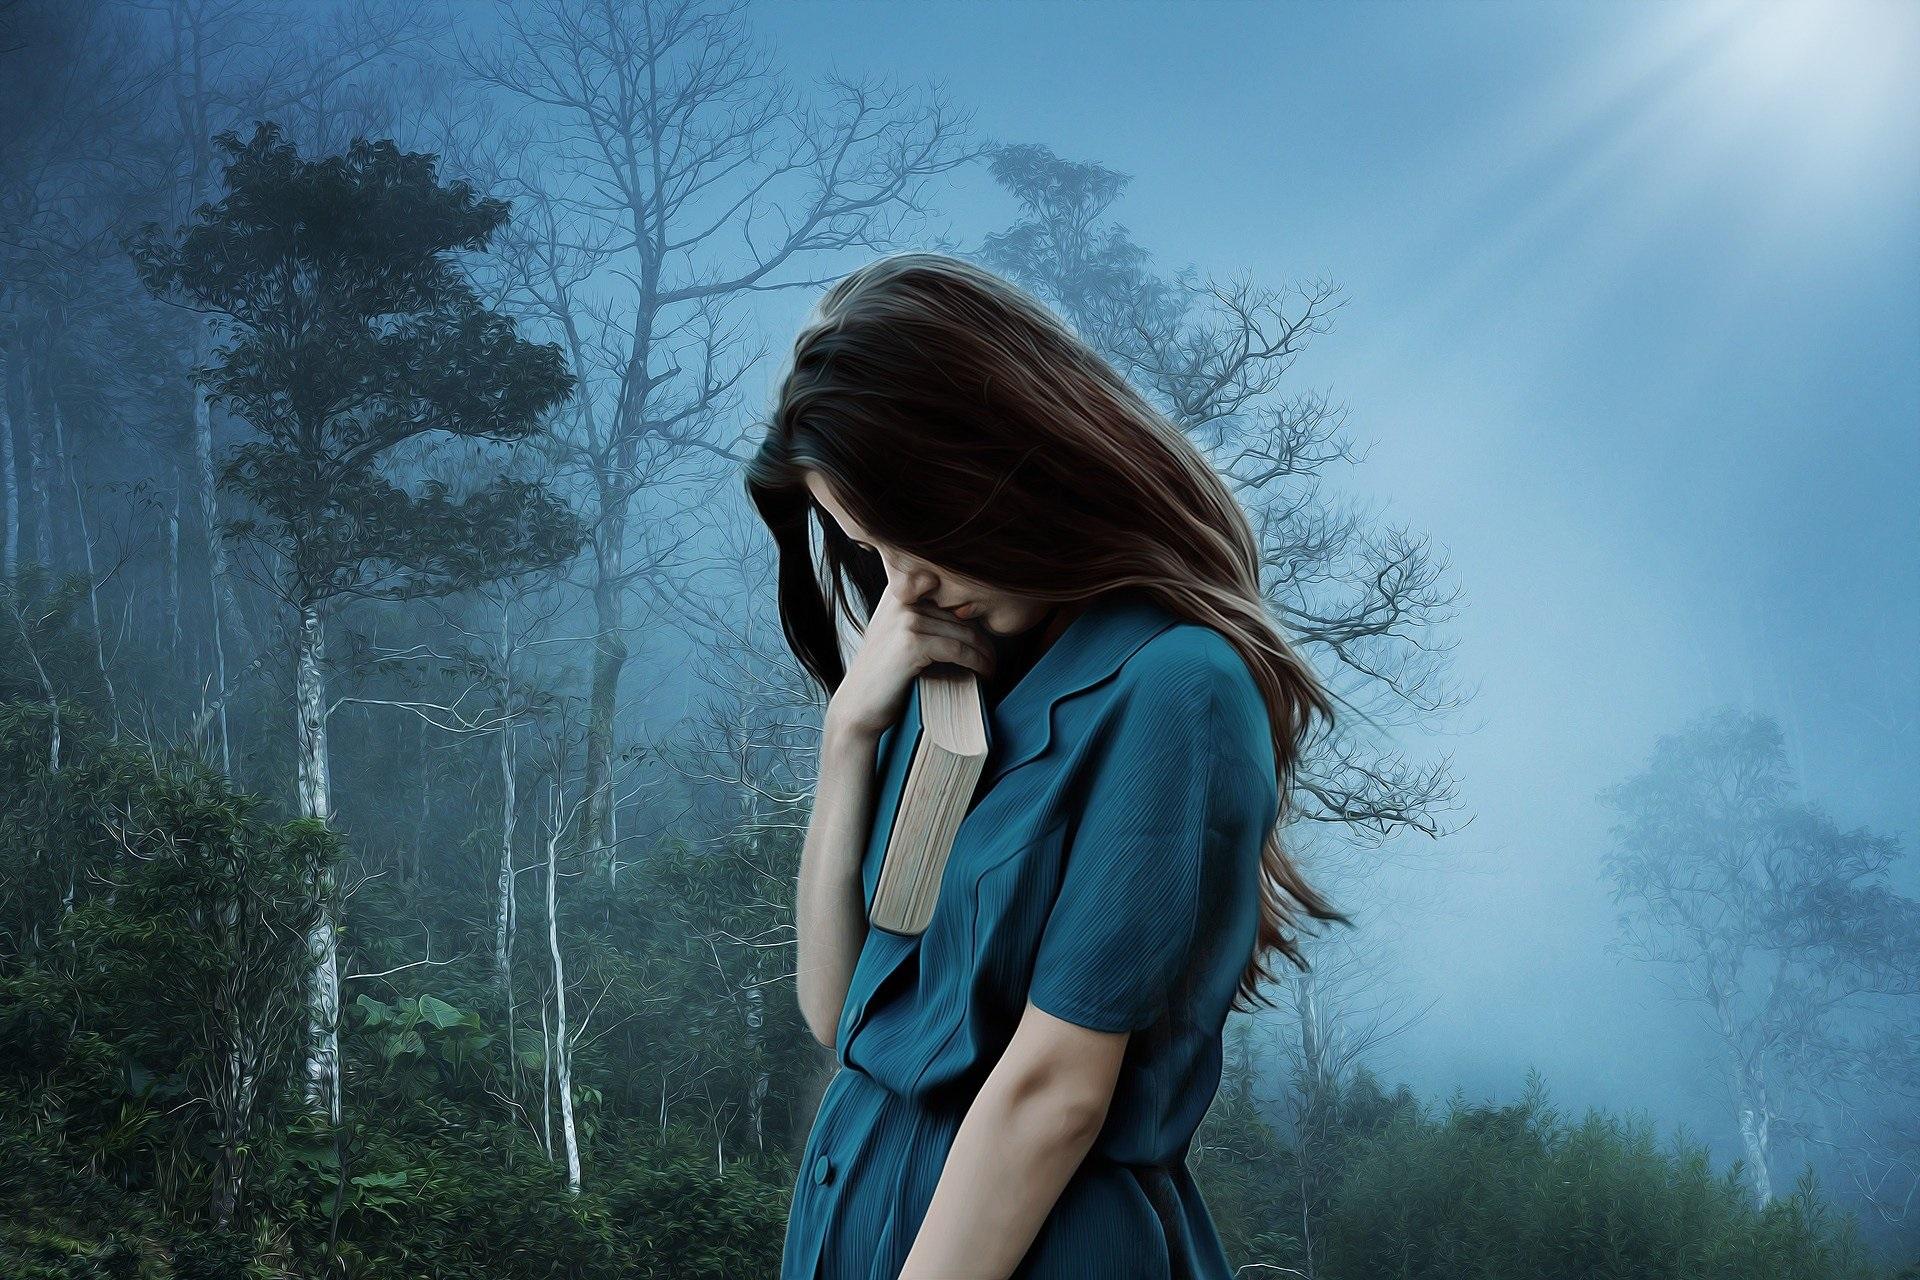 Недоверие усугубляет одиночество